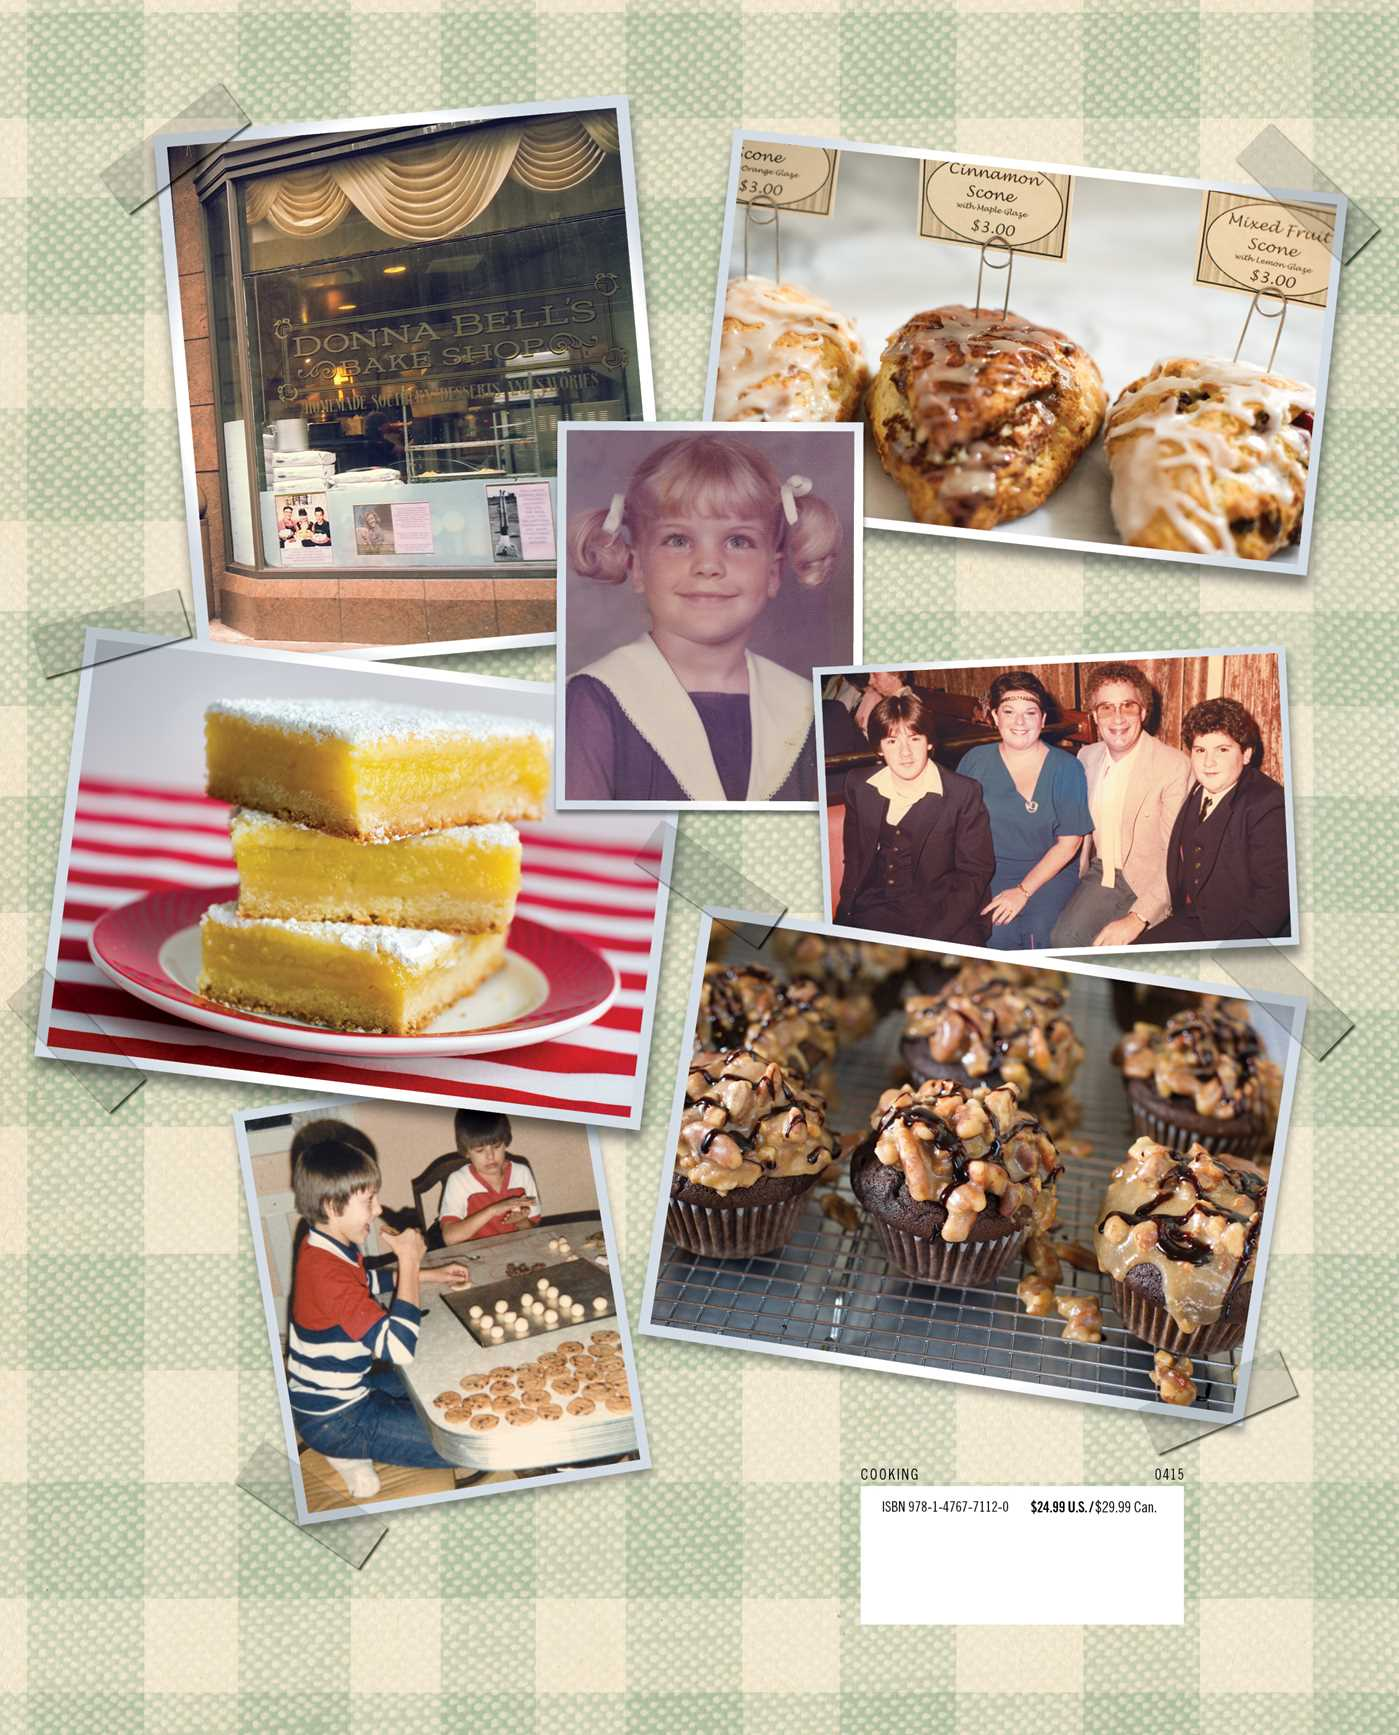 Donna bells bake shop 9781476771120 hr back